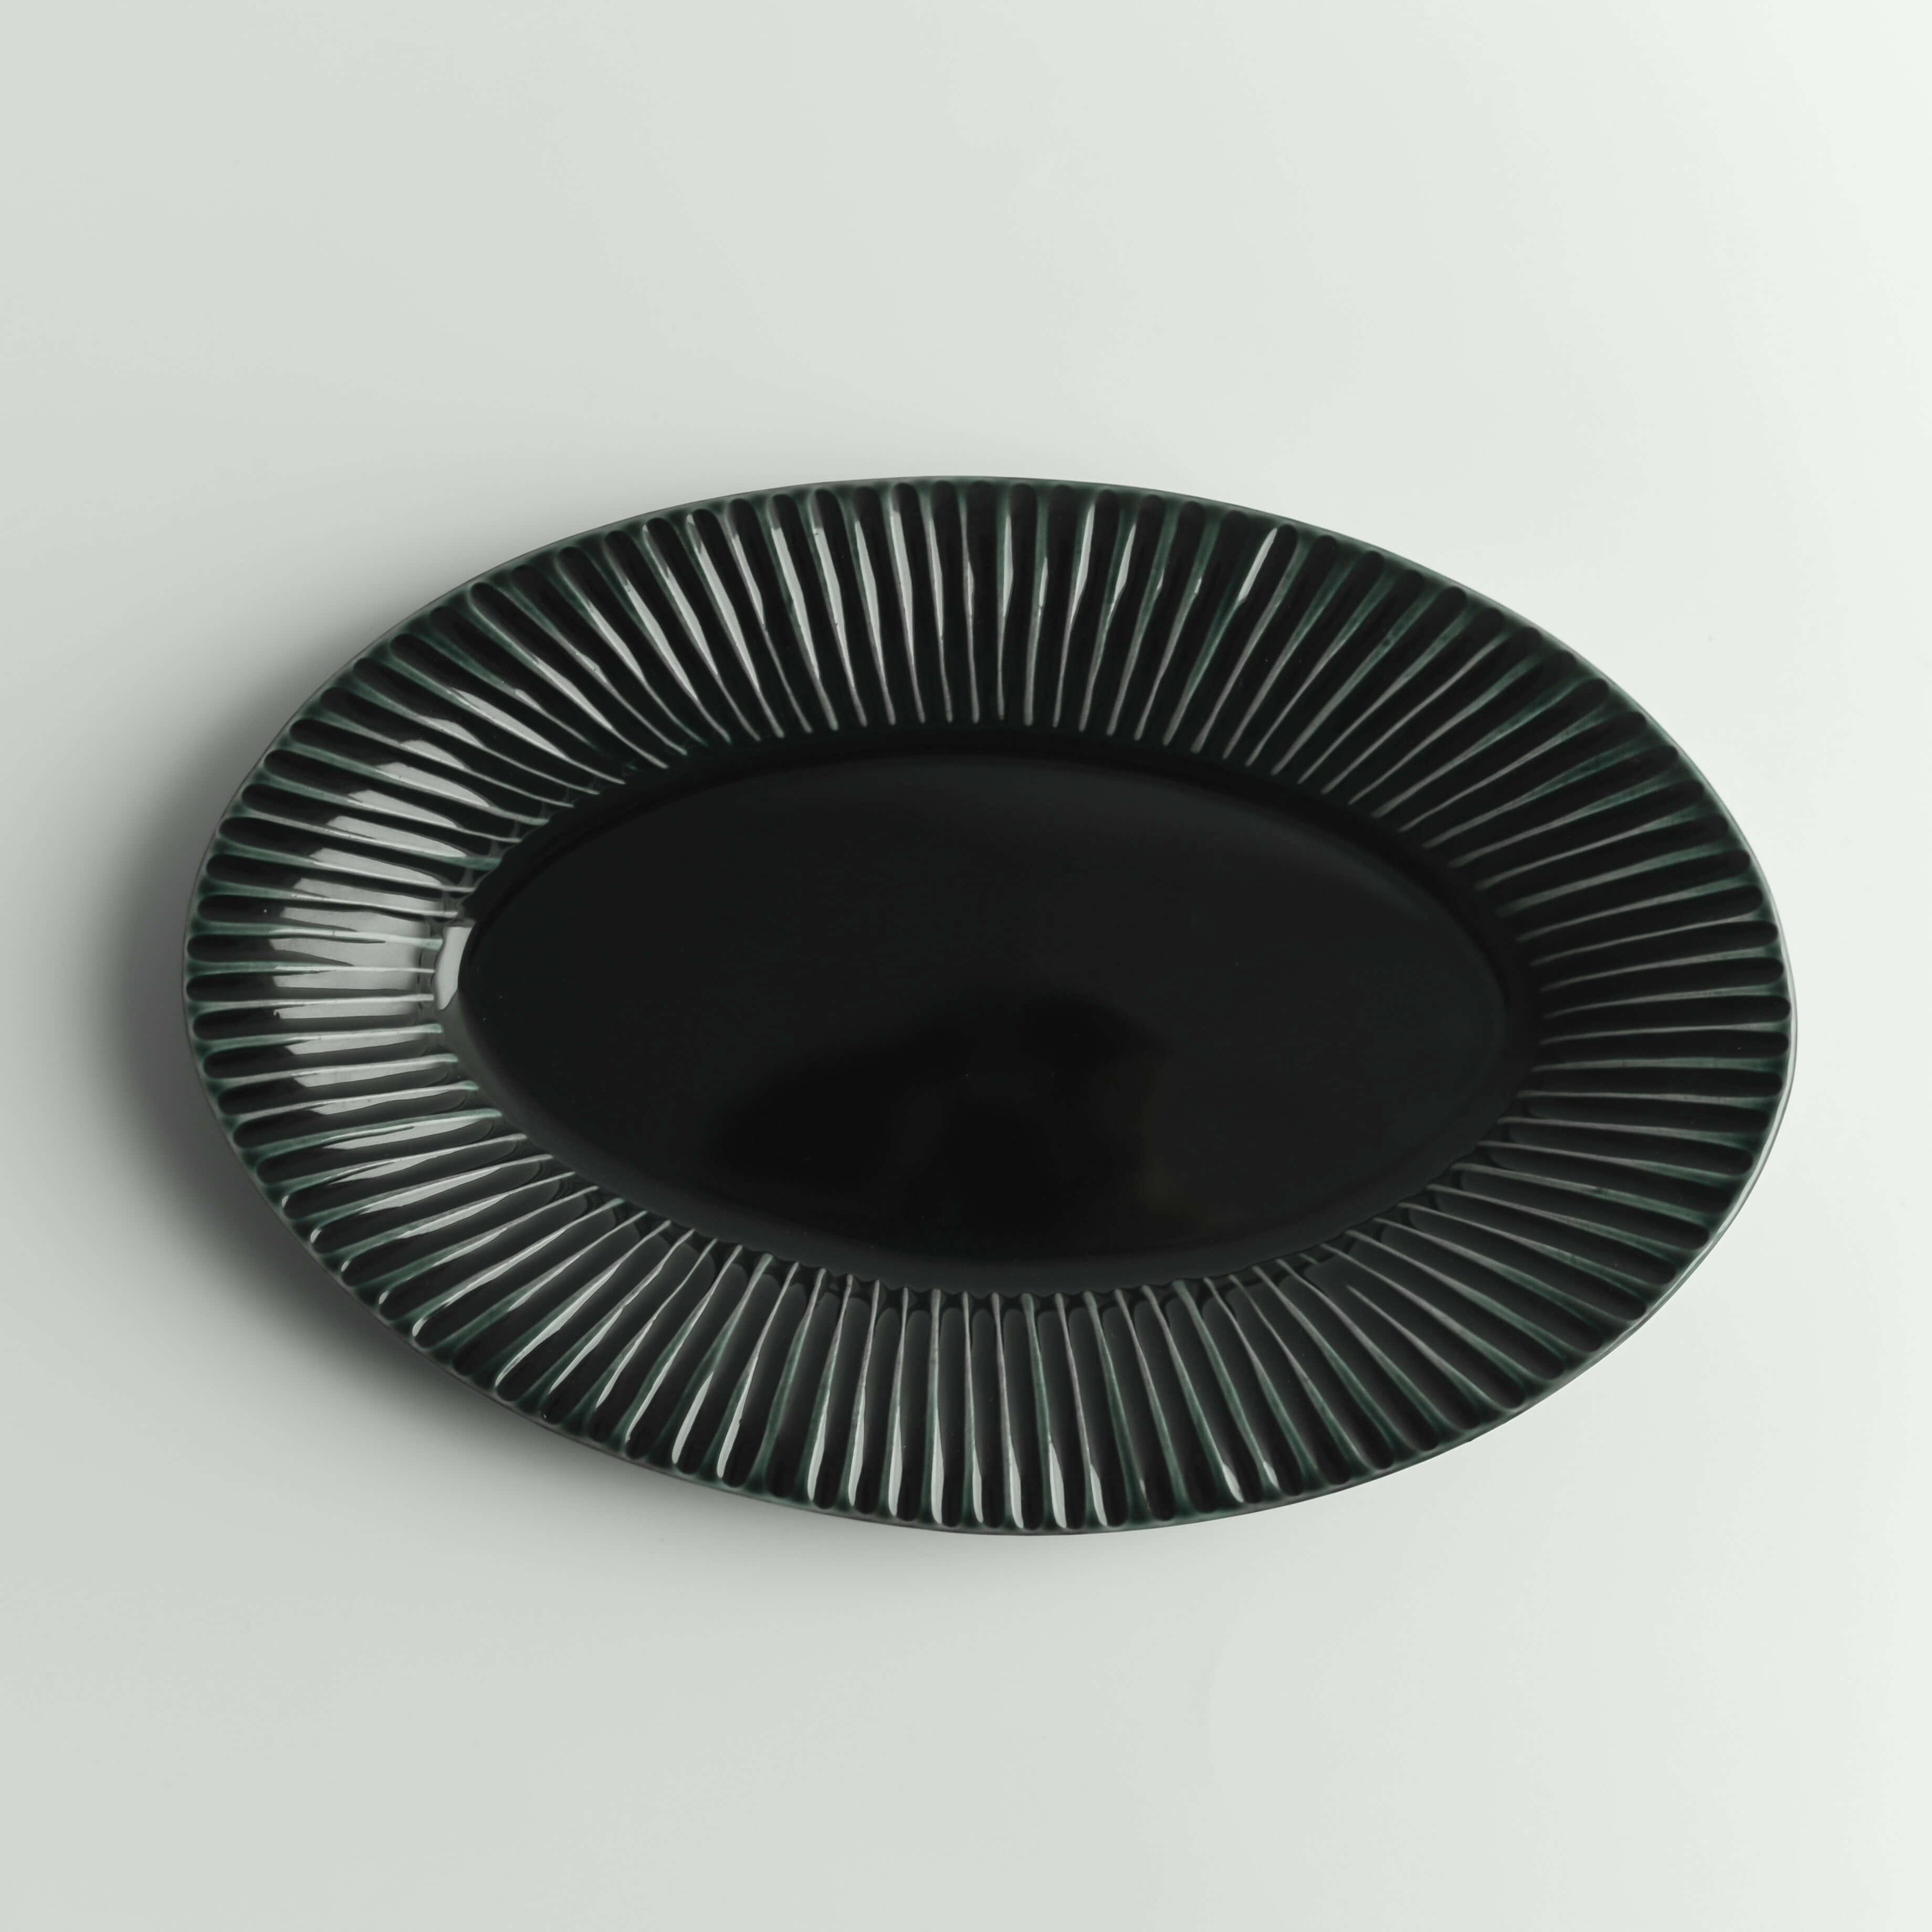 【小倉夏樹】鎬オーバル皿(L) 瑠璃釉